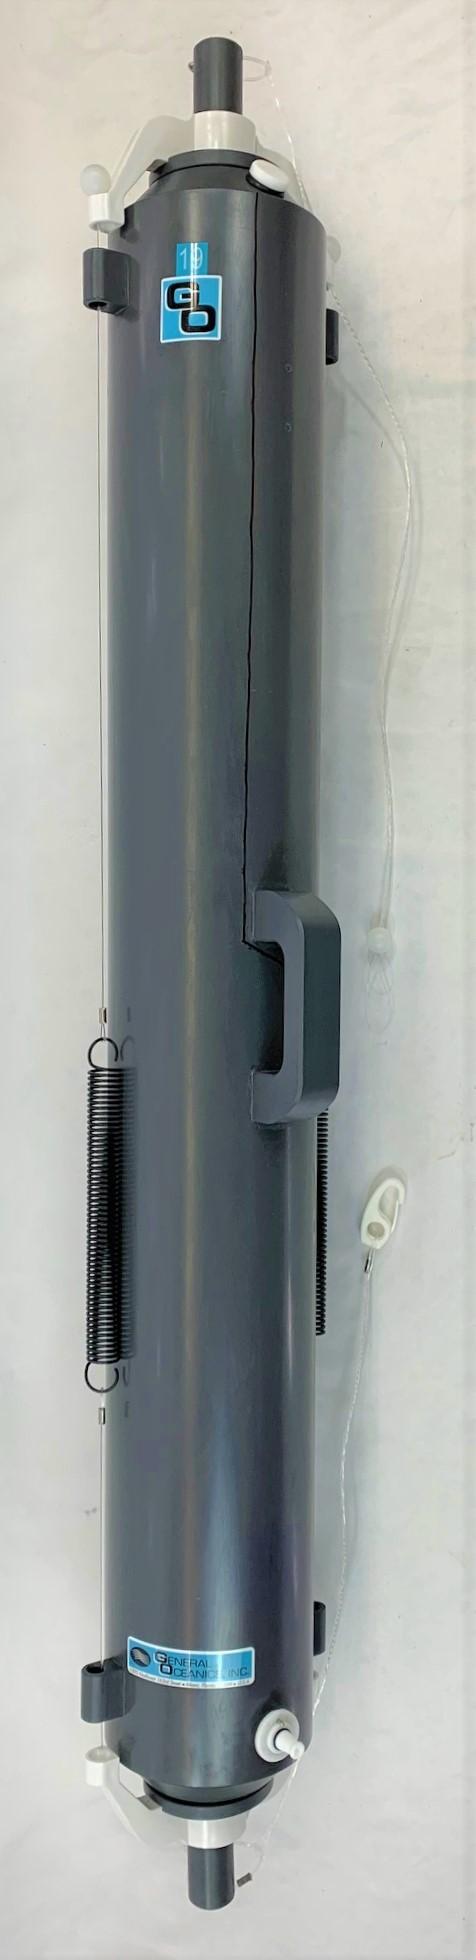 Ext. Spring Niskin Water Sampler, 12L TRACE METAL